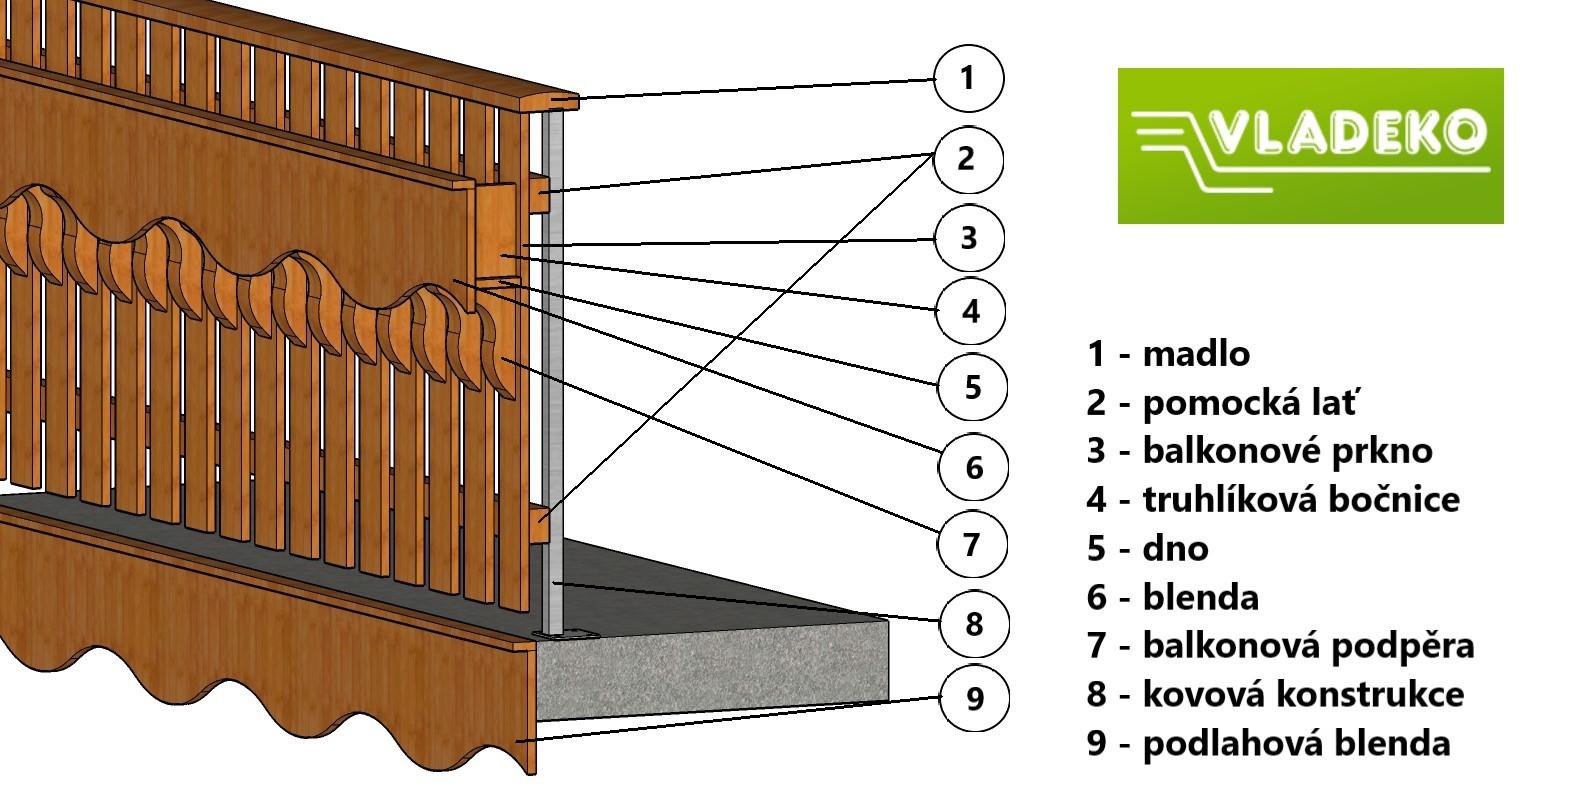 Truhlíkové balkonové prkno